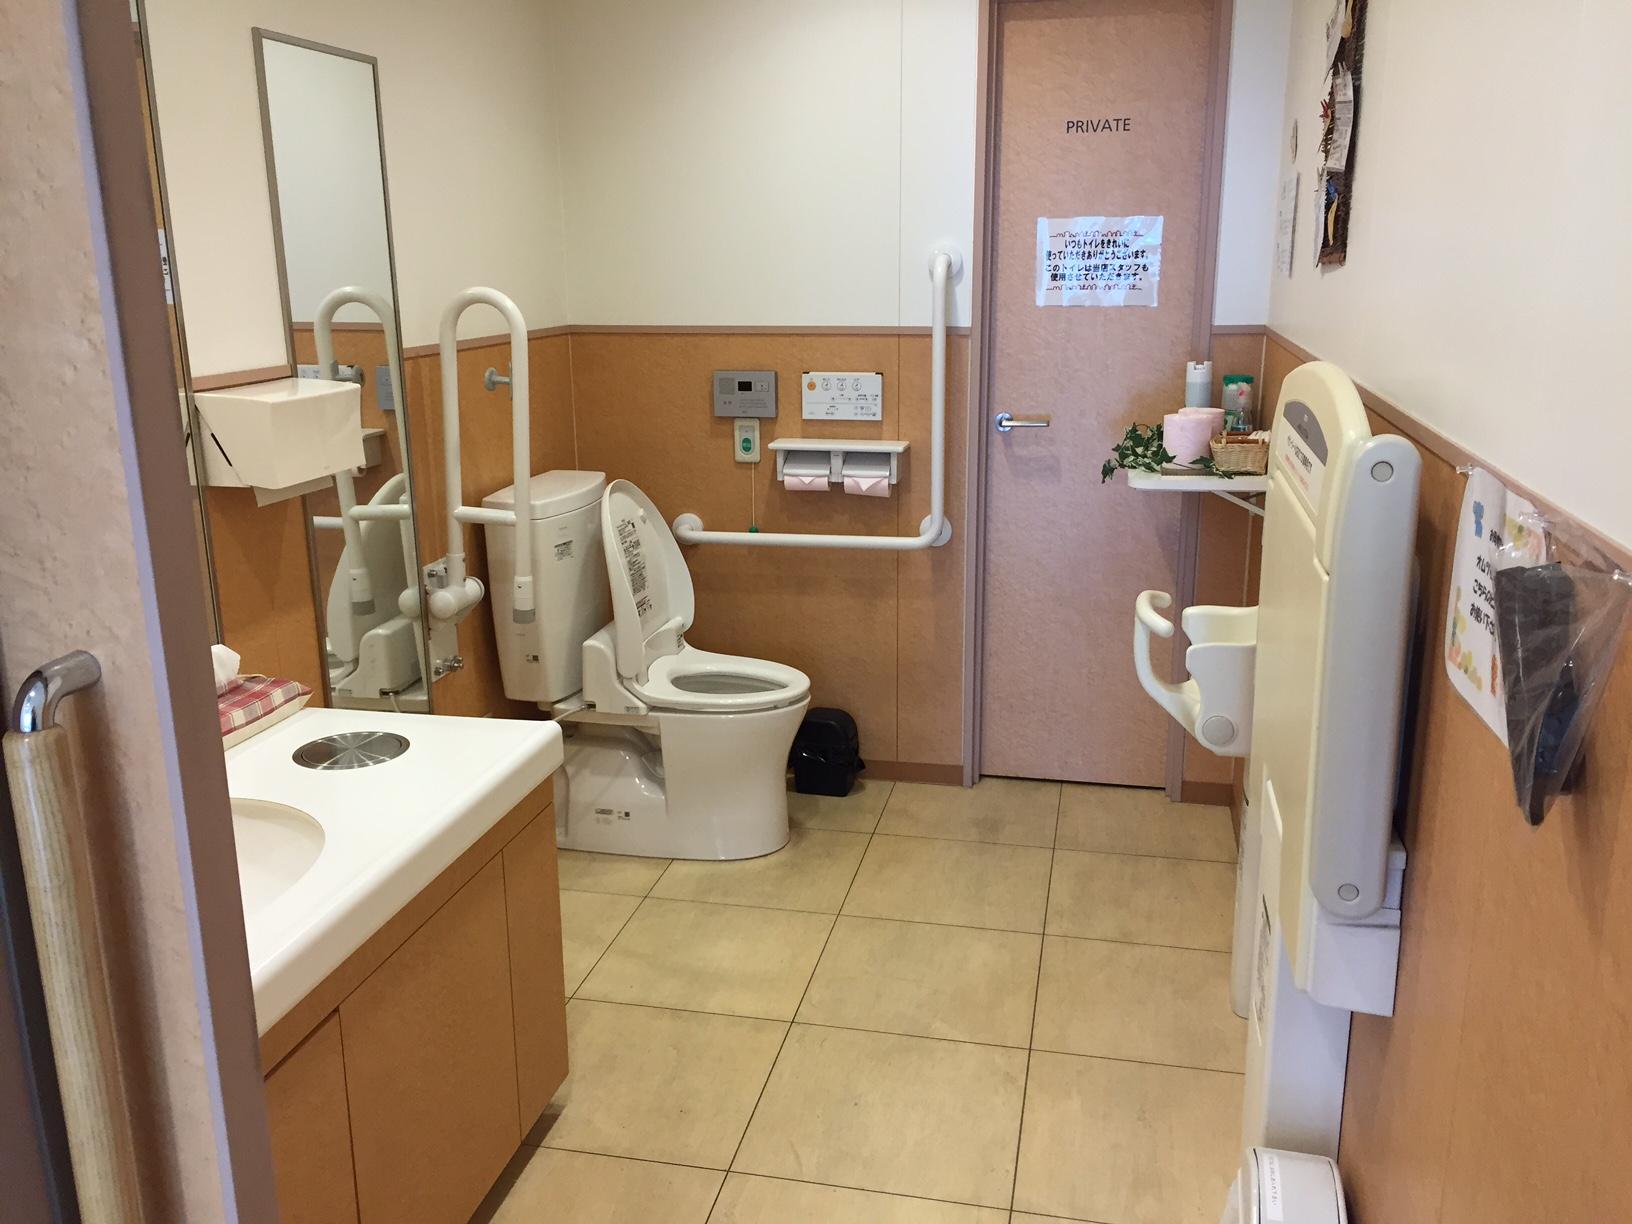 清潔でキレイなお手洗い車椅子の方でもゆったりご利用いただけます